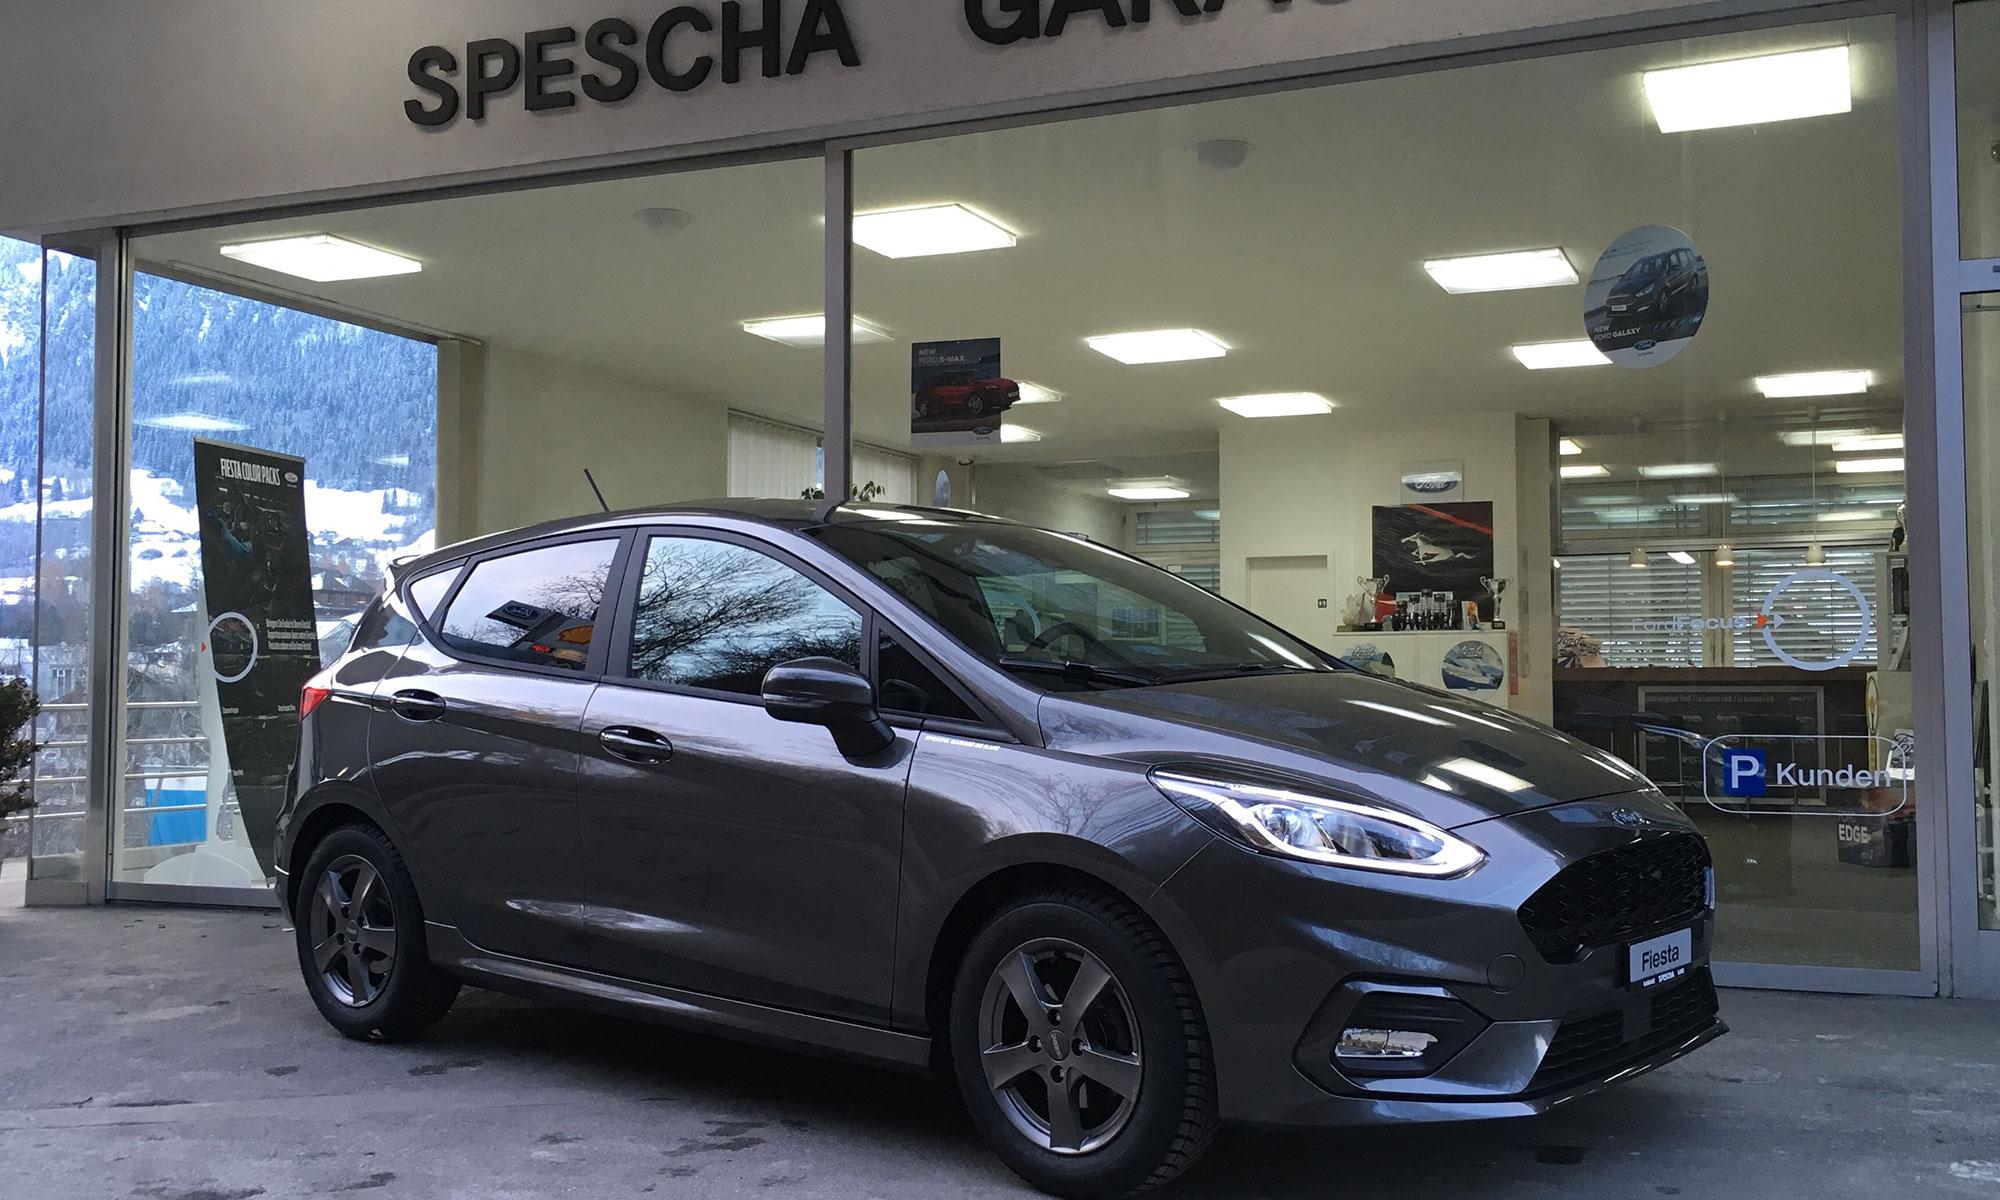 Spescha Garage Fiesta ST-Line